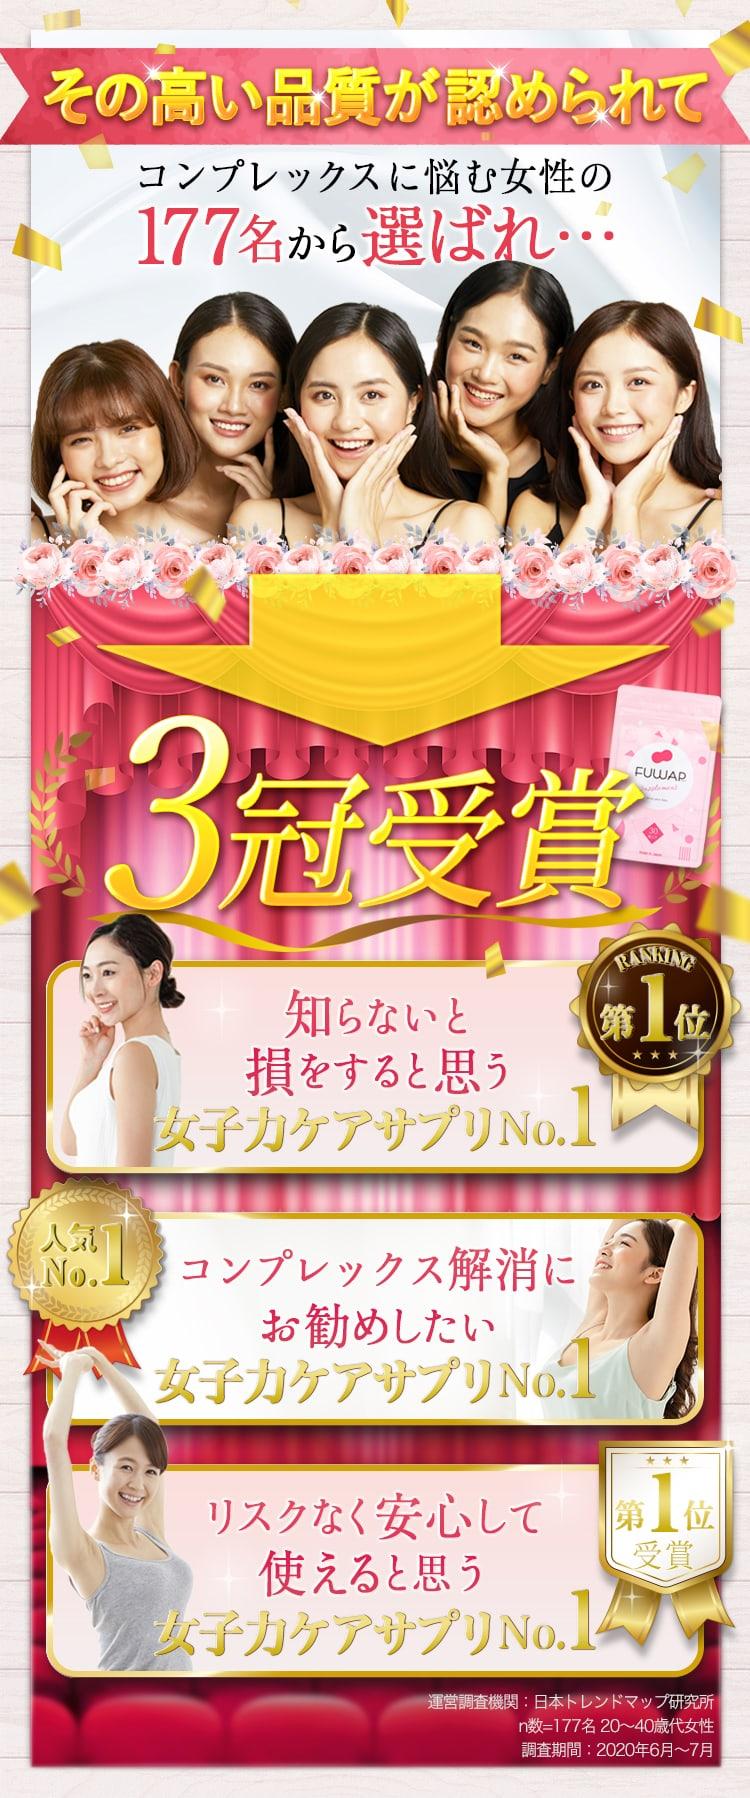 「3冠受賞!」その高い品質が認められて コンプレックスに悩む女性から選ばれ3冠受賞!女子力ケアサプリNo.1